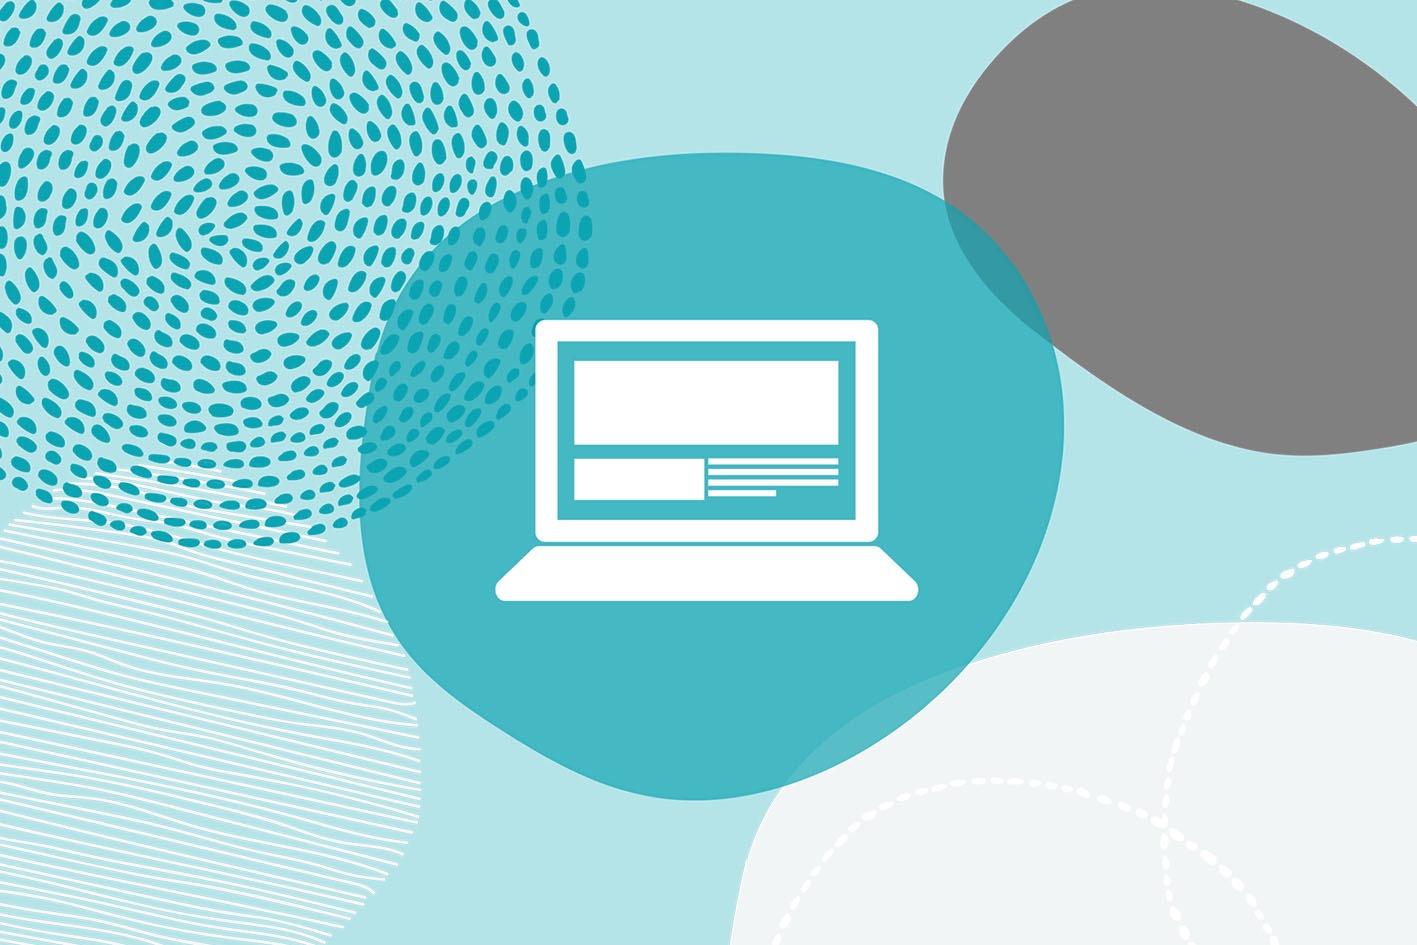 verkkosivujen visuaalinen ilme